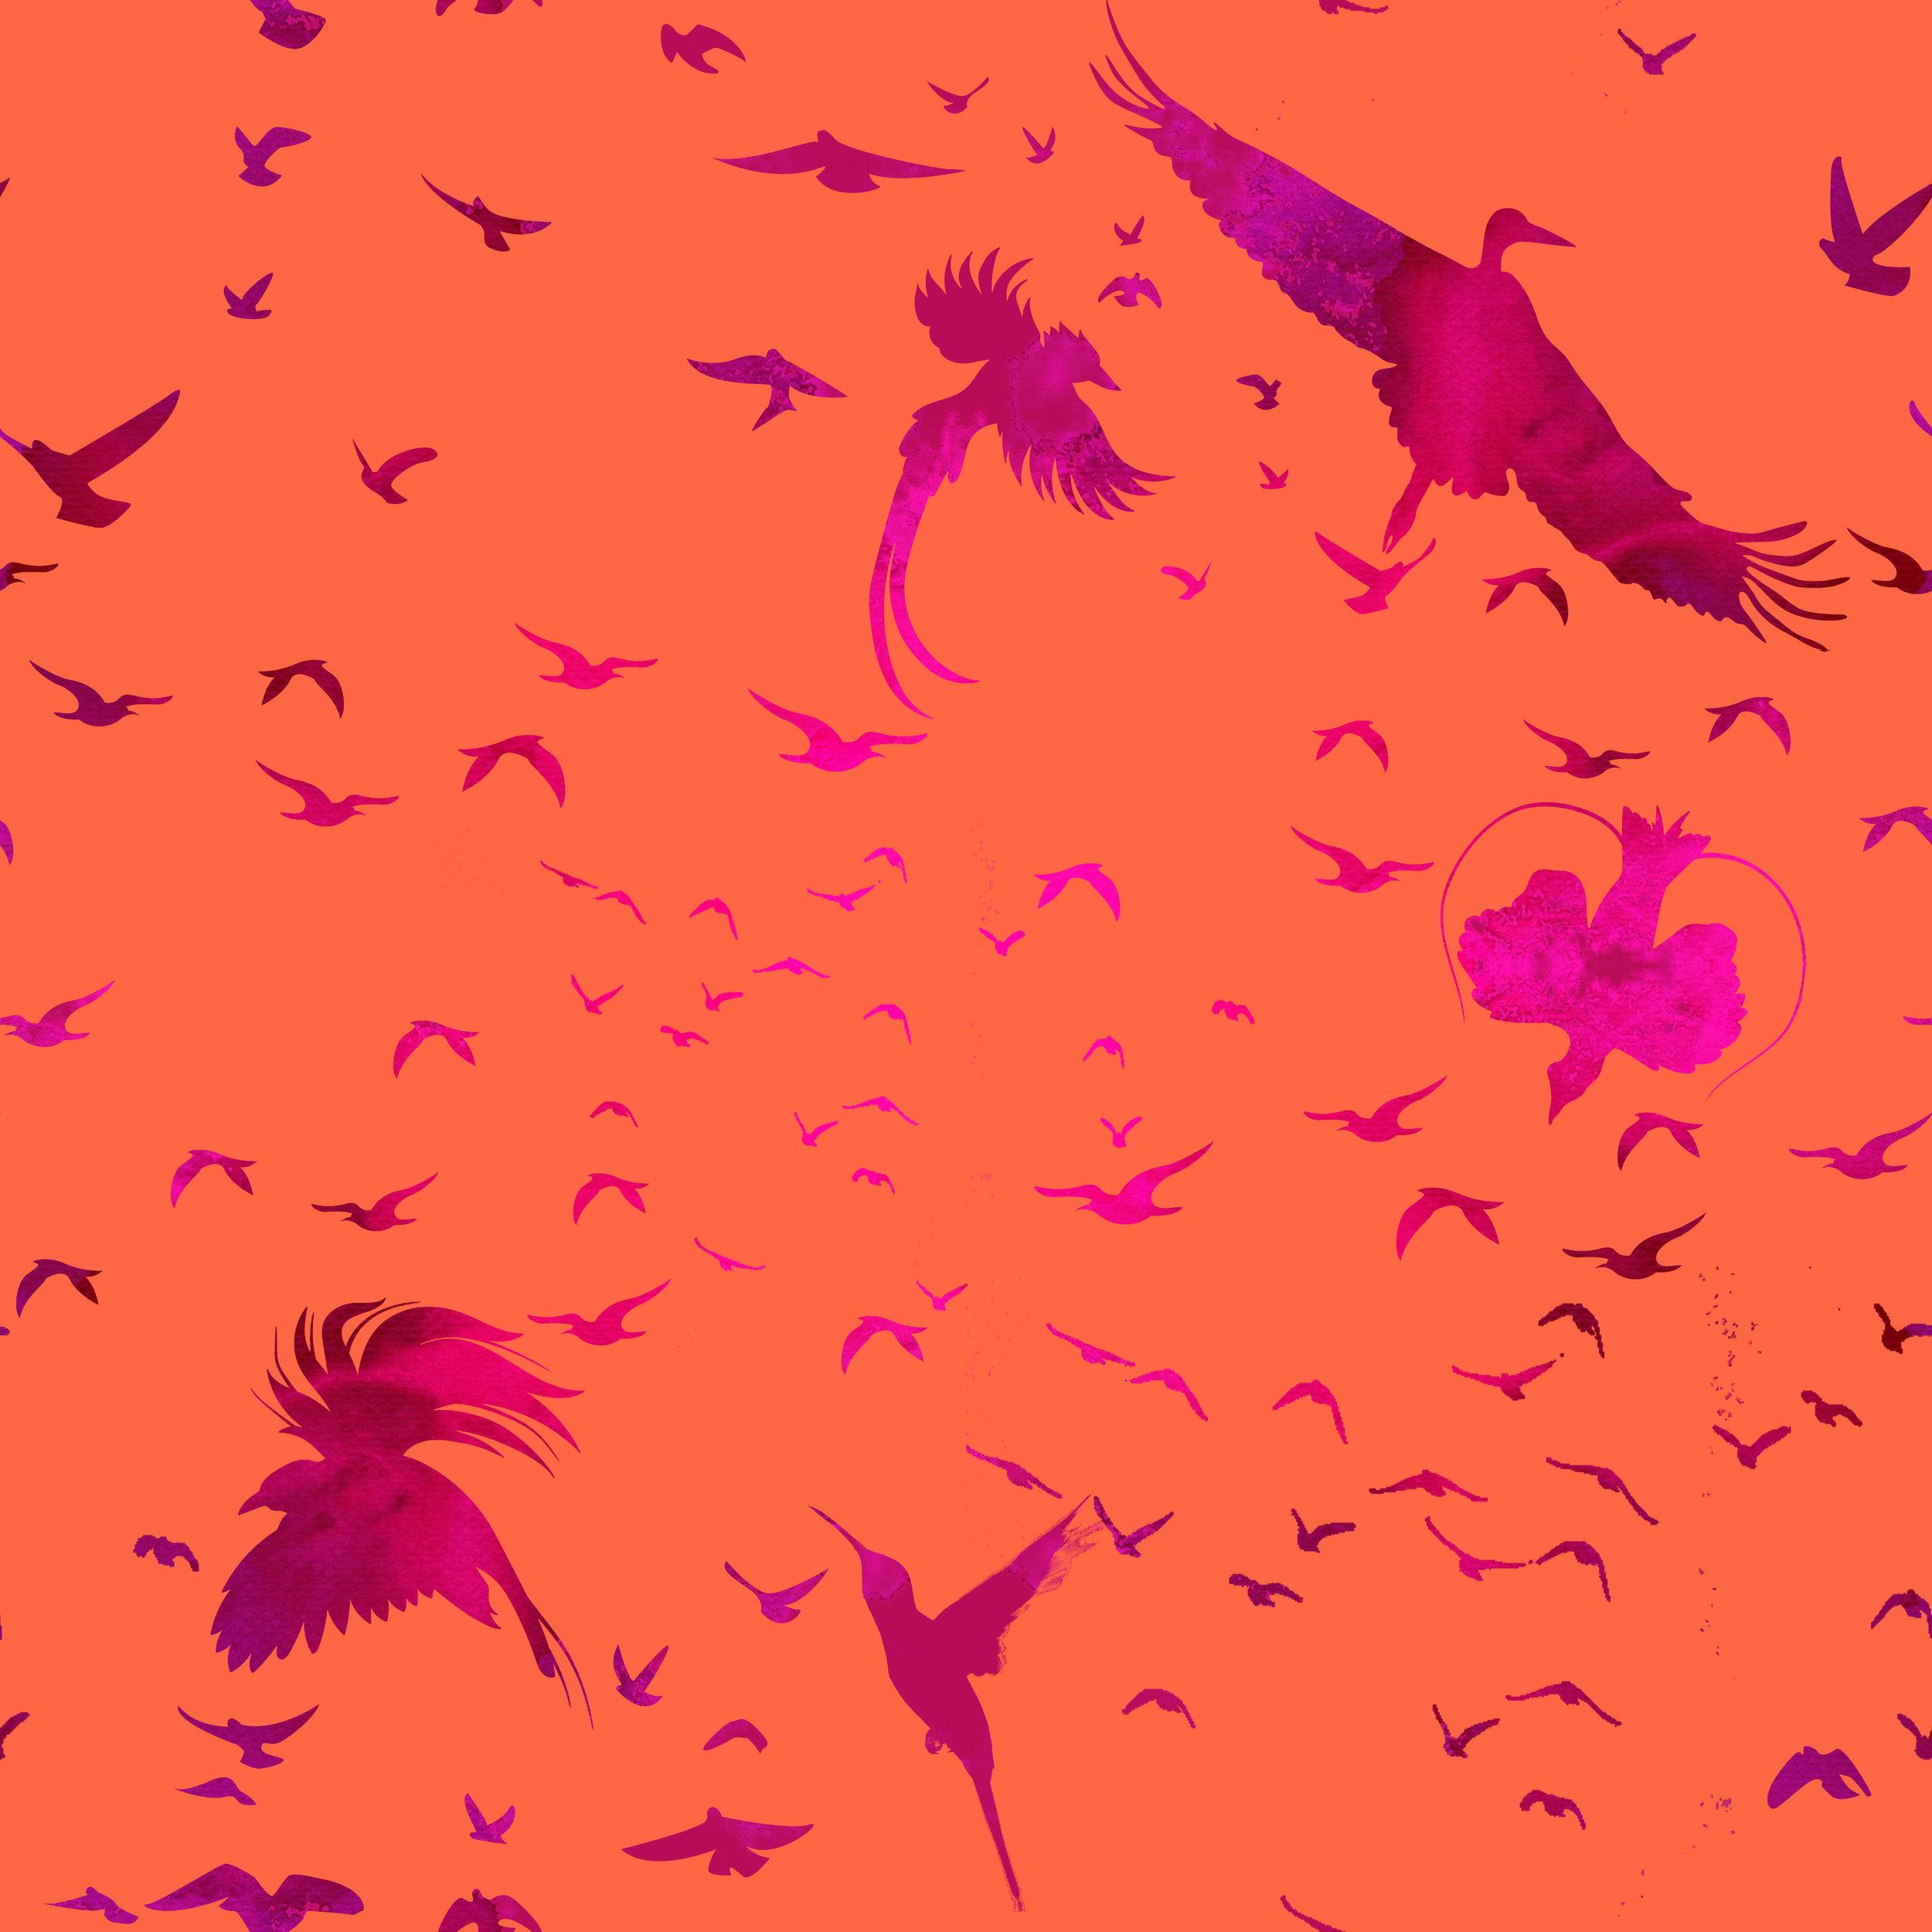 Birds v2.jpg